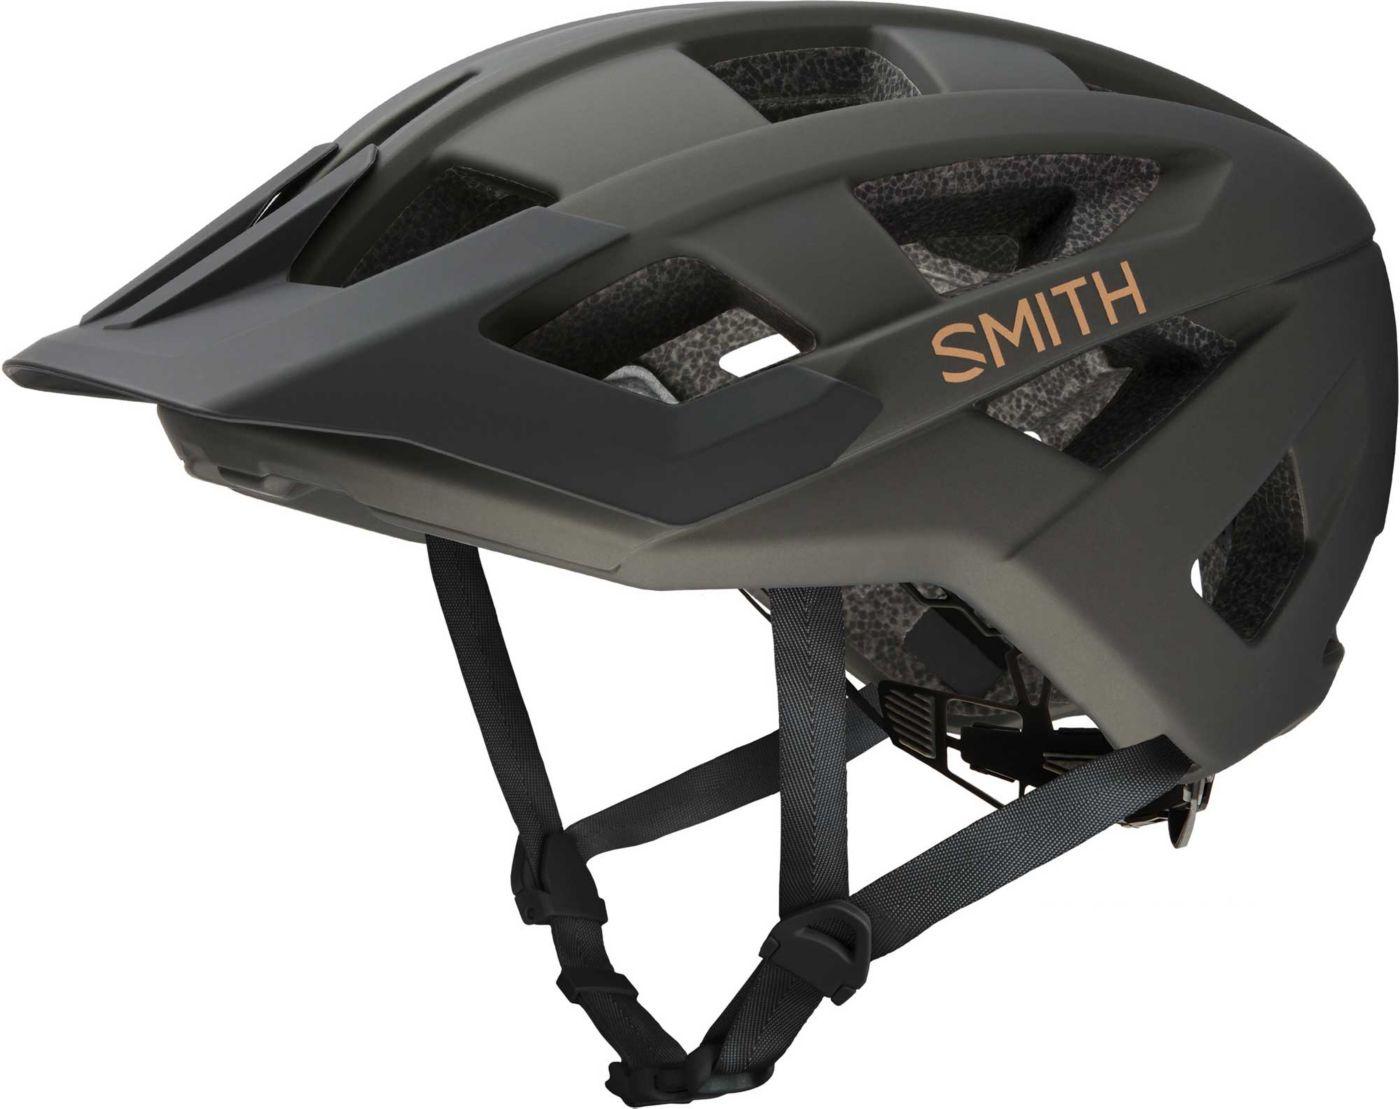 Smith Adult Venture Bike Helmet Dick S Sporting Goods